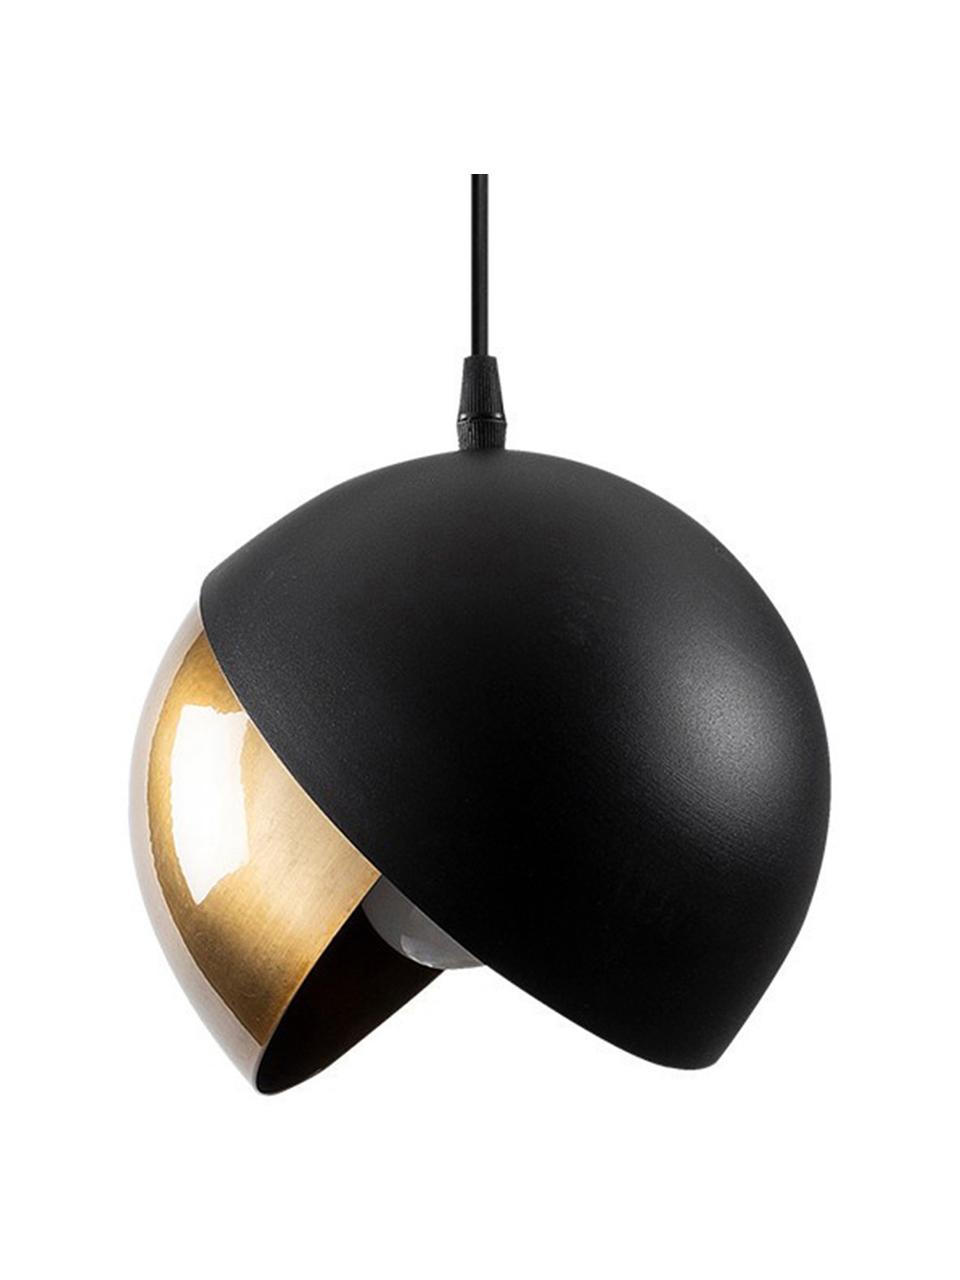 Kleine Pendelleuchte Berceste in Schwarz-Gold, Lampenschirm: Metall, beschichtet, Baldachin: Metall, beschichtet, Messingfarben, Schwarz, Ø 20 cm